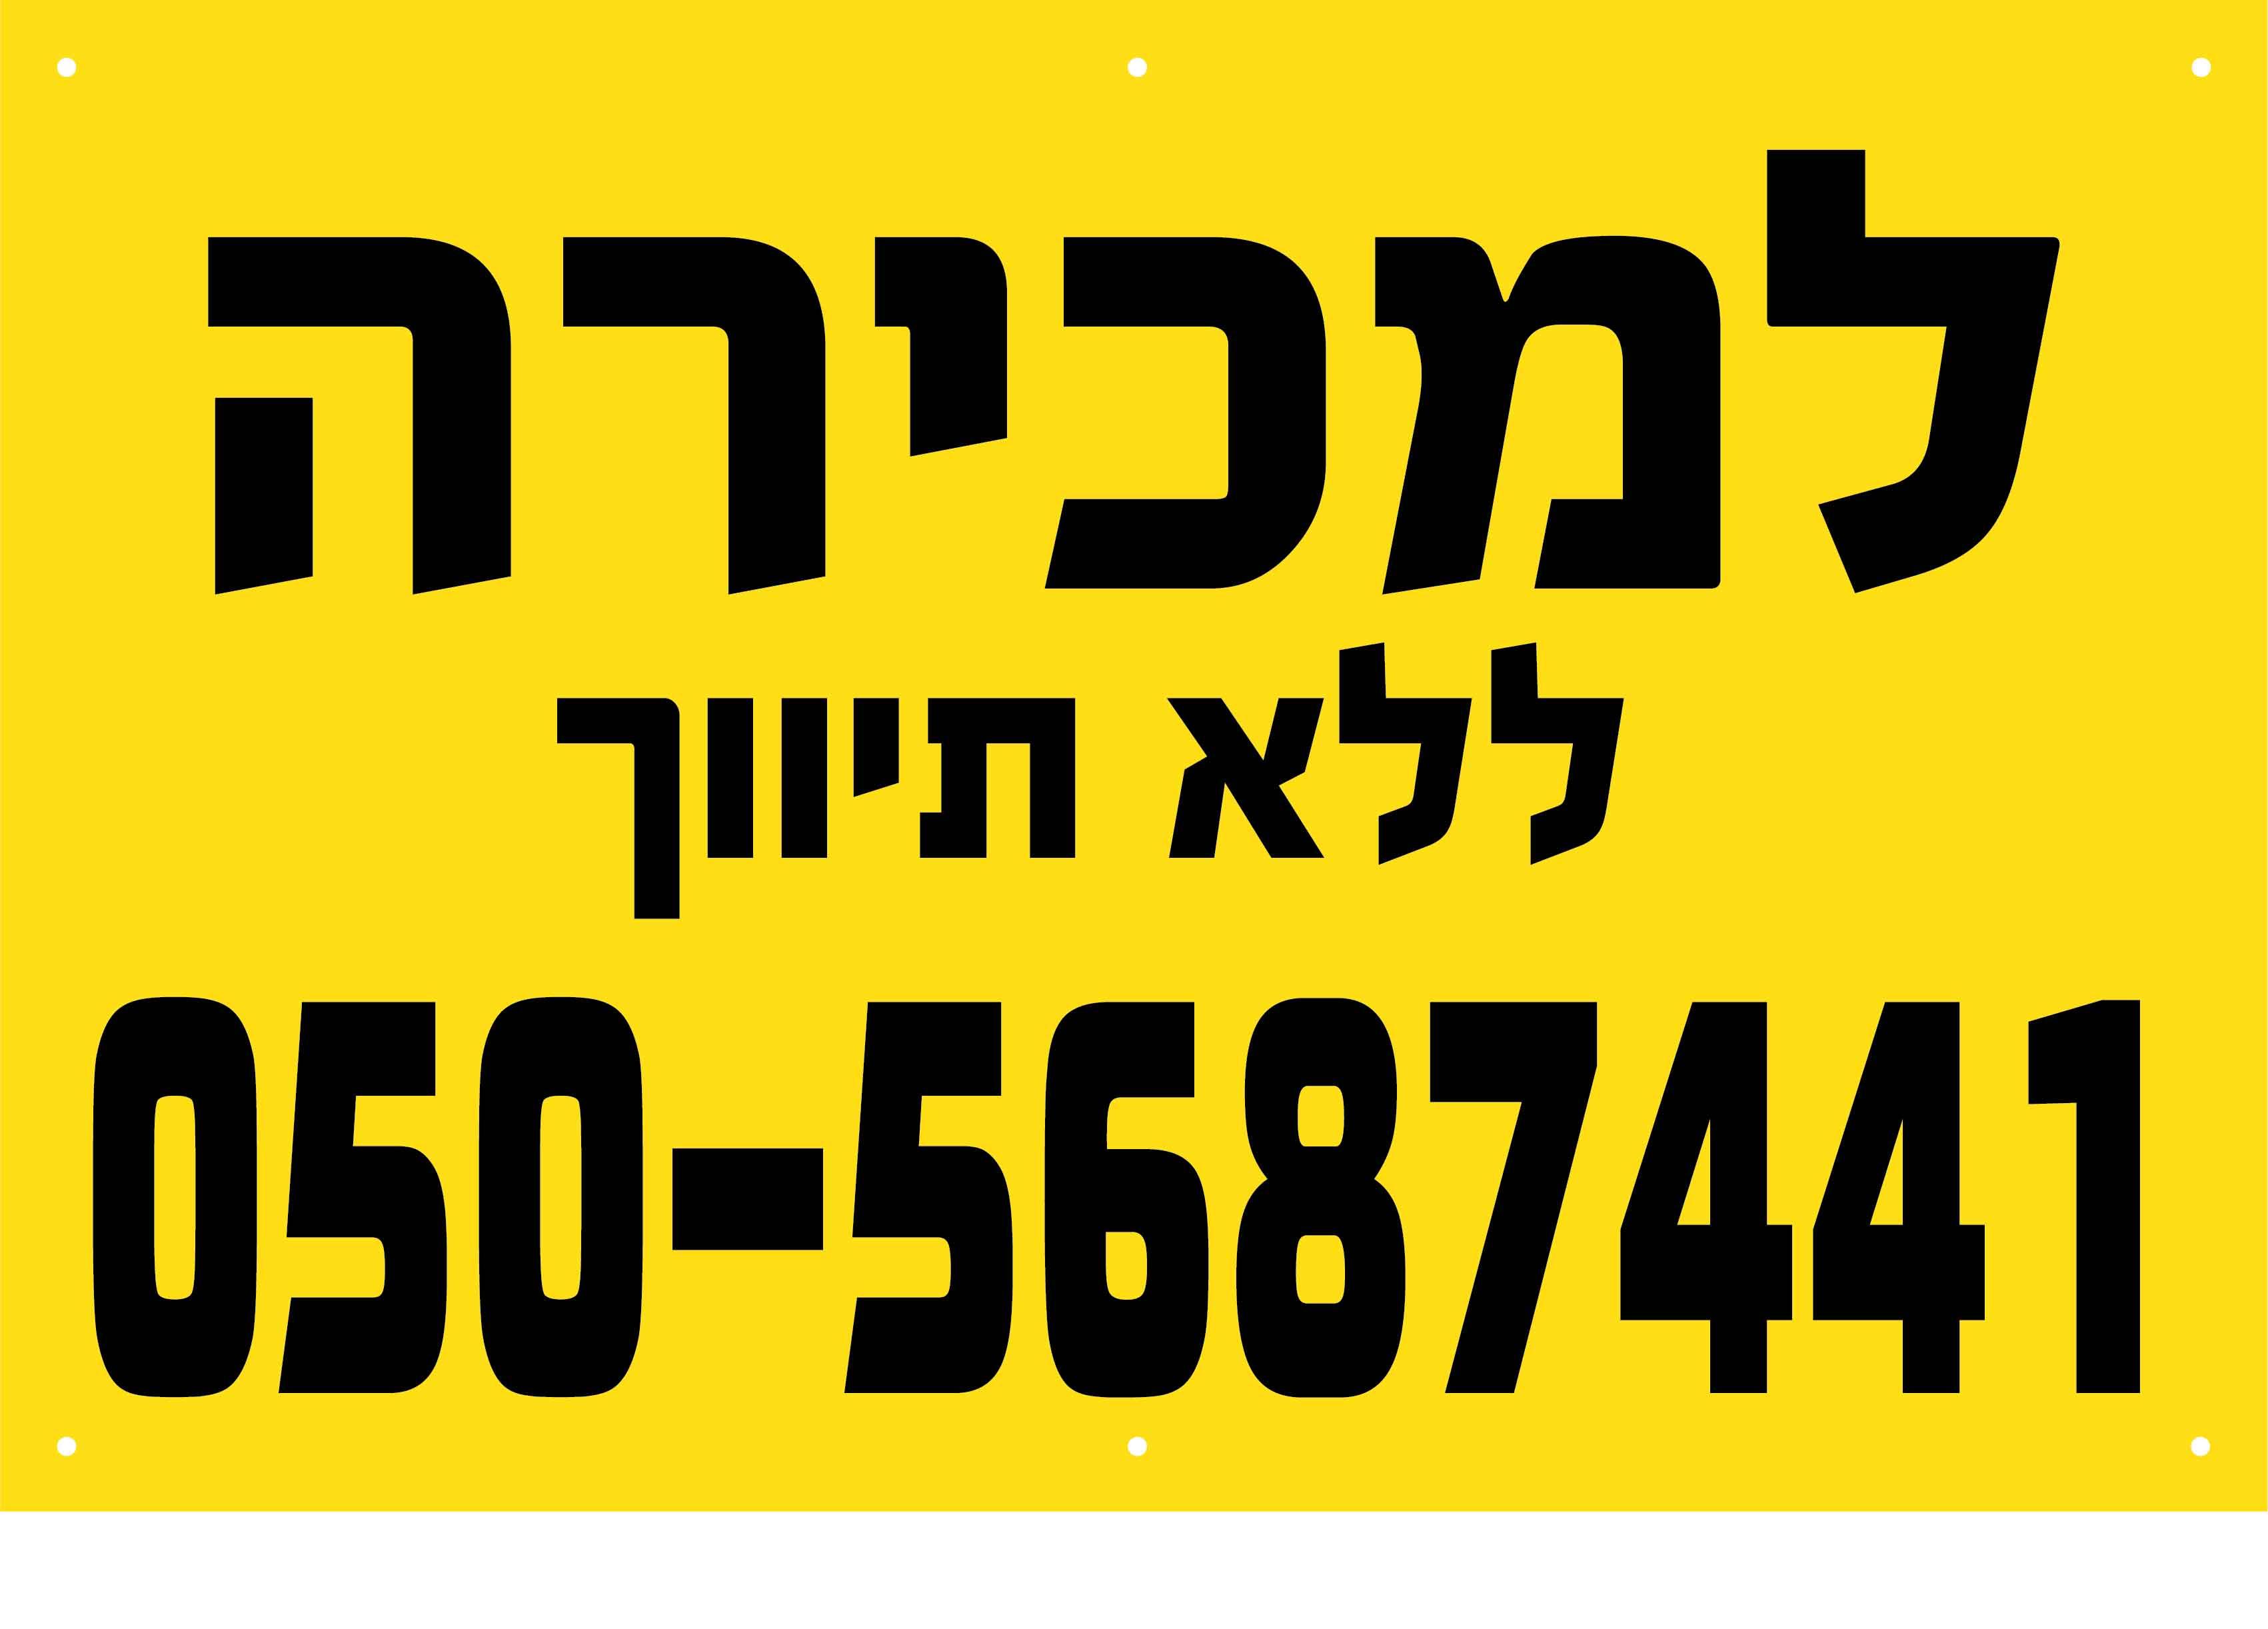 D שלט פוליפרופילן צהוב דירה למכירה ללא תיווך 80/120 ס''מ